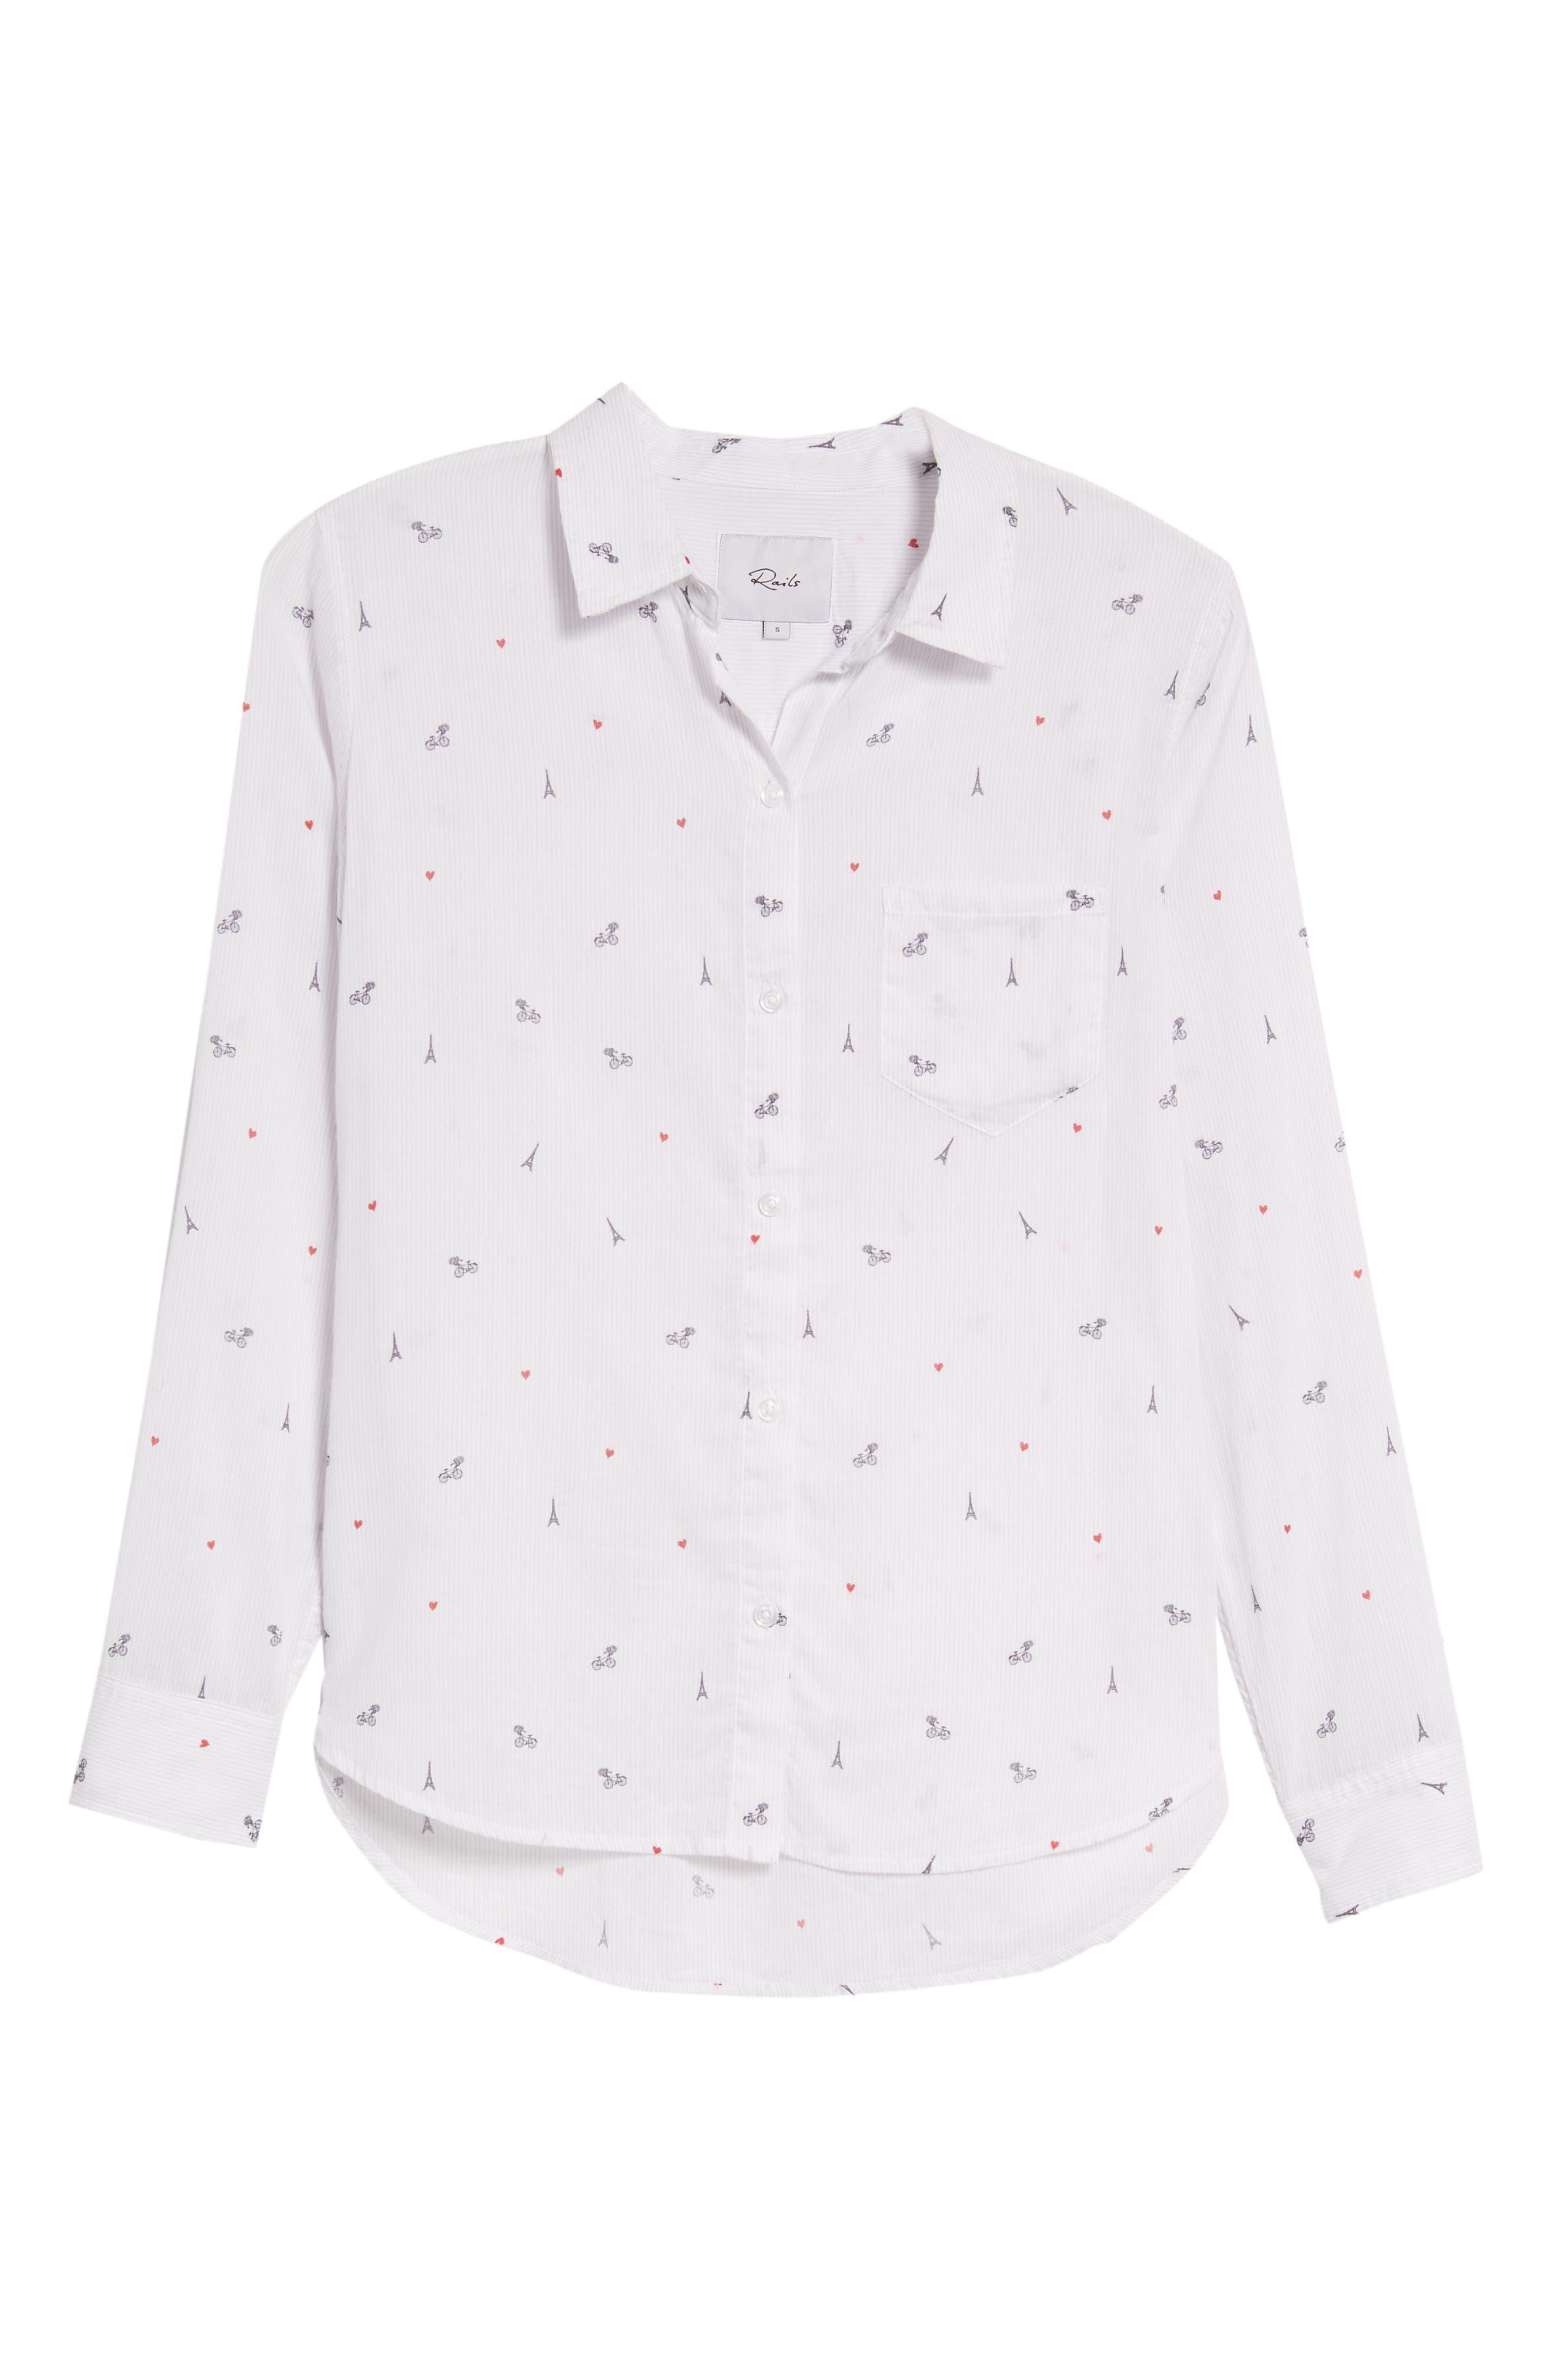 Taylor Star Stripe Shirt,                             Alternate thumbnail 7, color,                             LITTLE PARIS